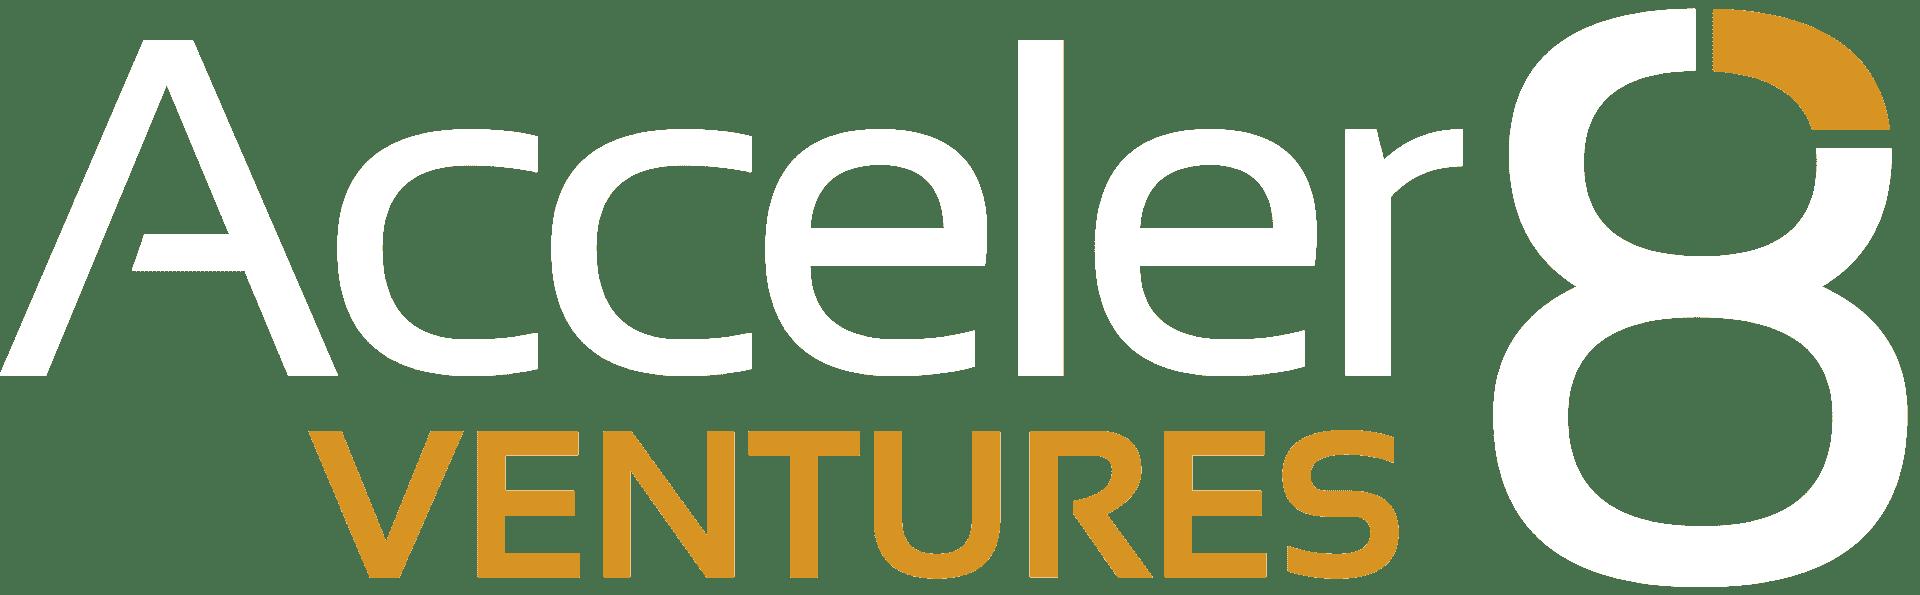 Acceler8 Ventures